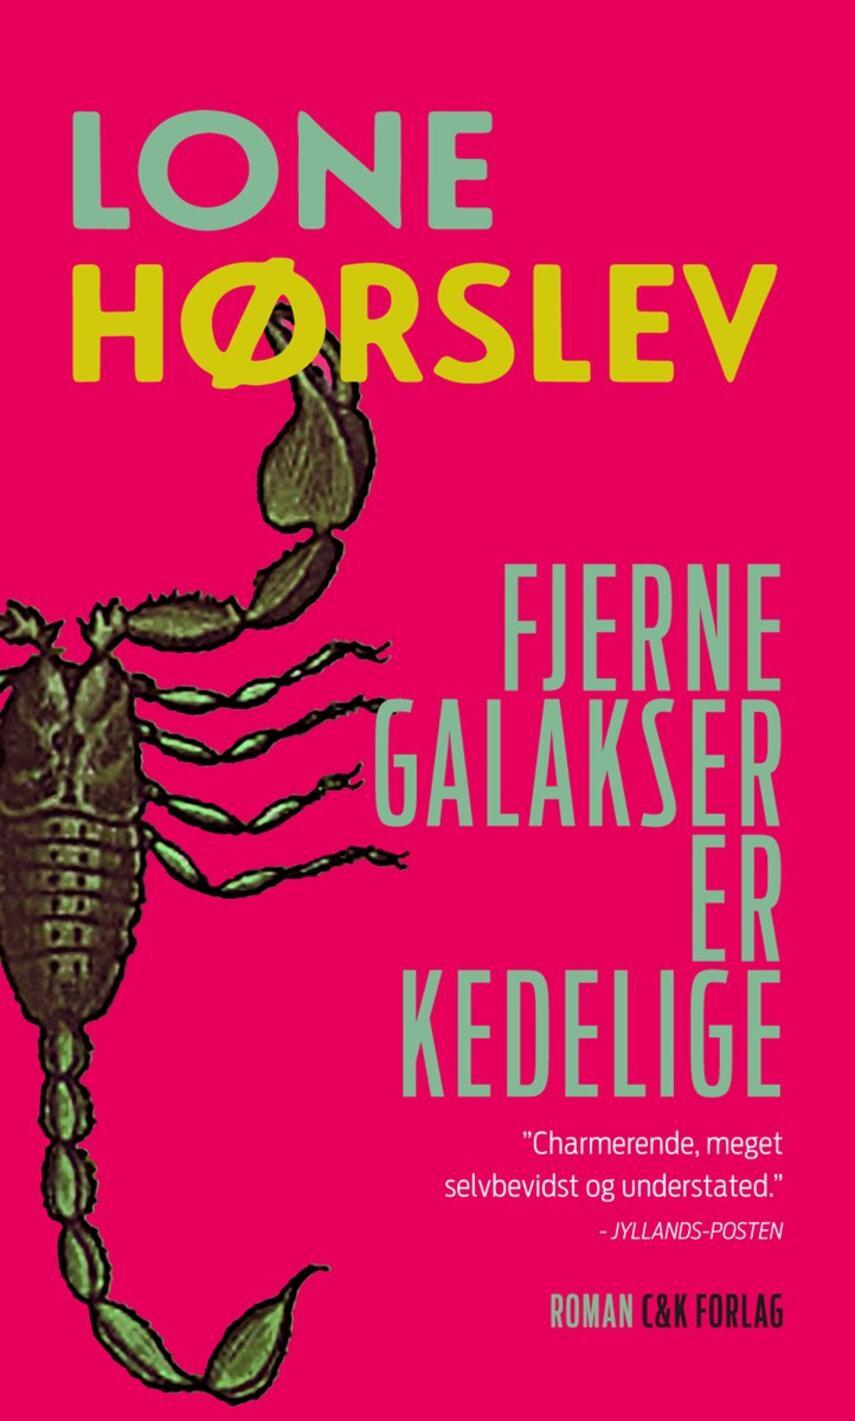 Lone Hørslev: Fjerne galakser er kedelige : roman